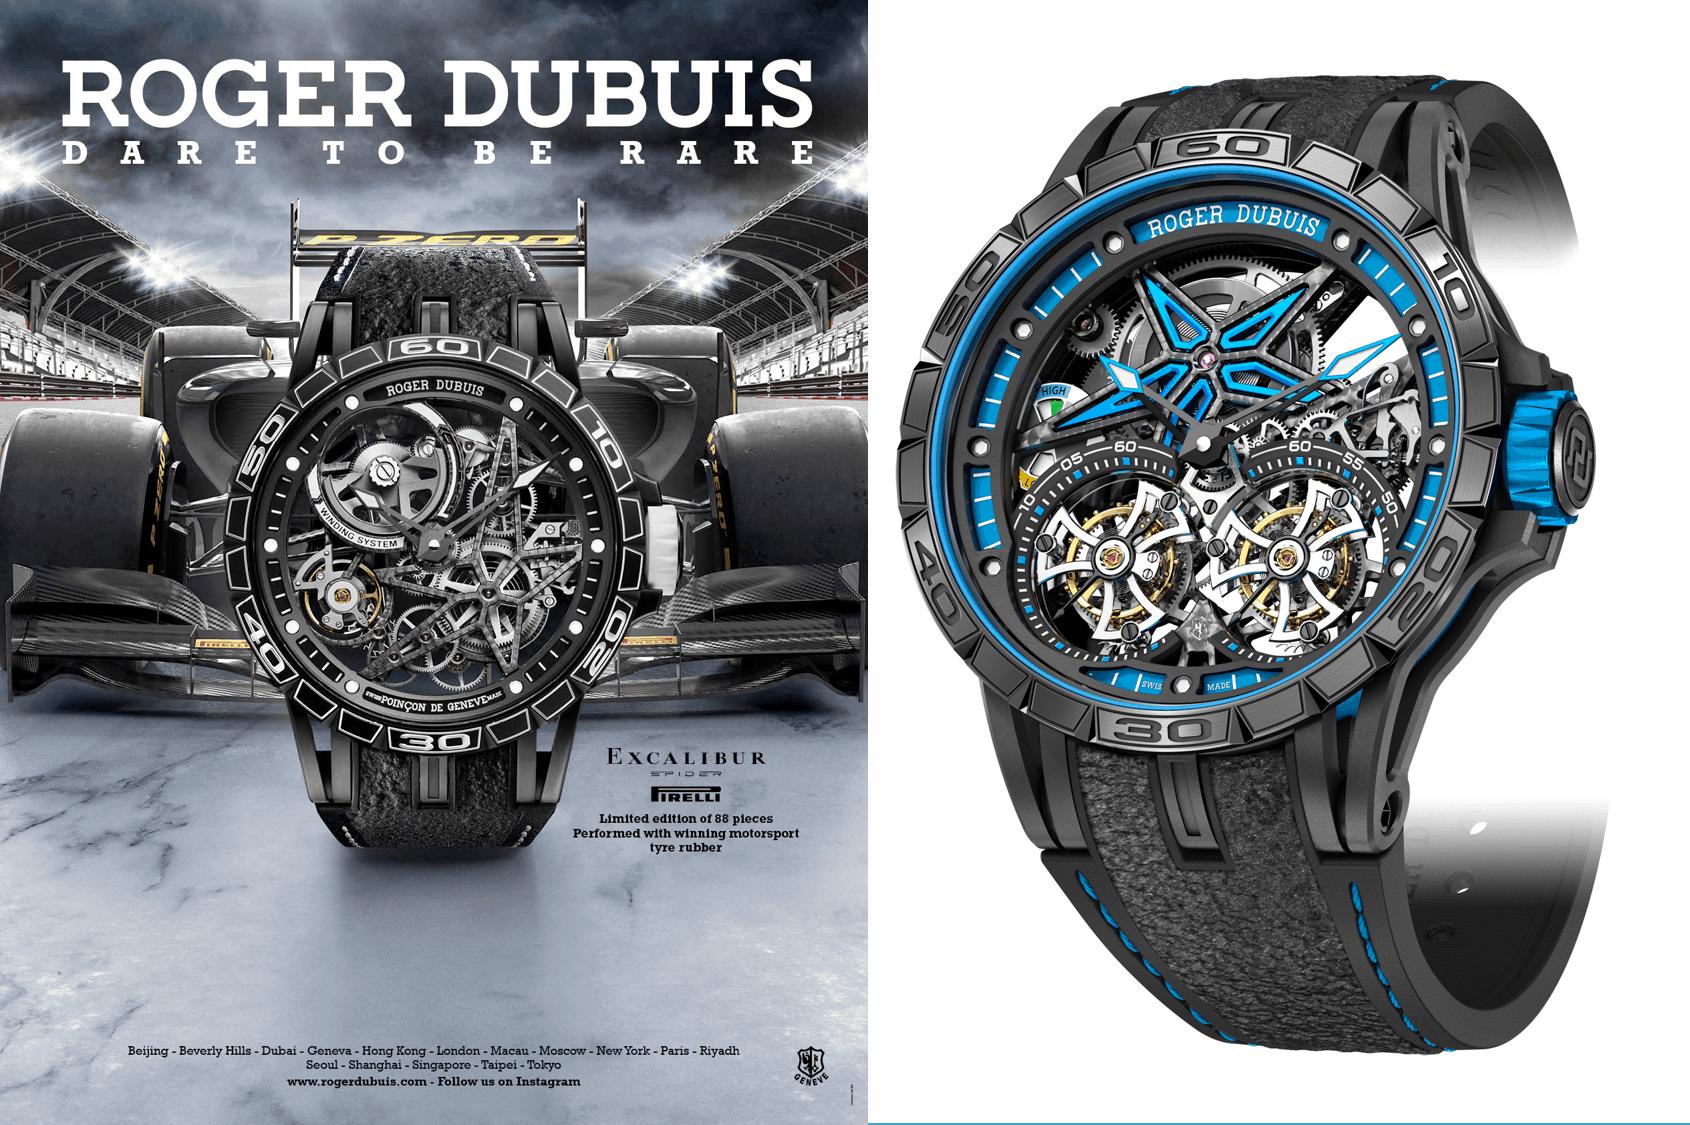 Roger Dubuis Excalibur Spider PirelliRoger Dubuis Excalibur Spider Pirelli: Ein F1 Reifen für mehr Grip